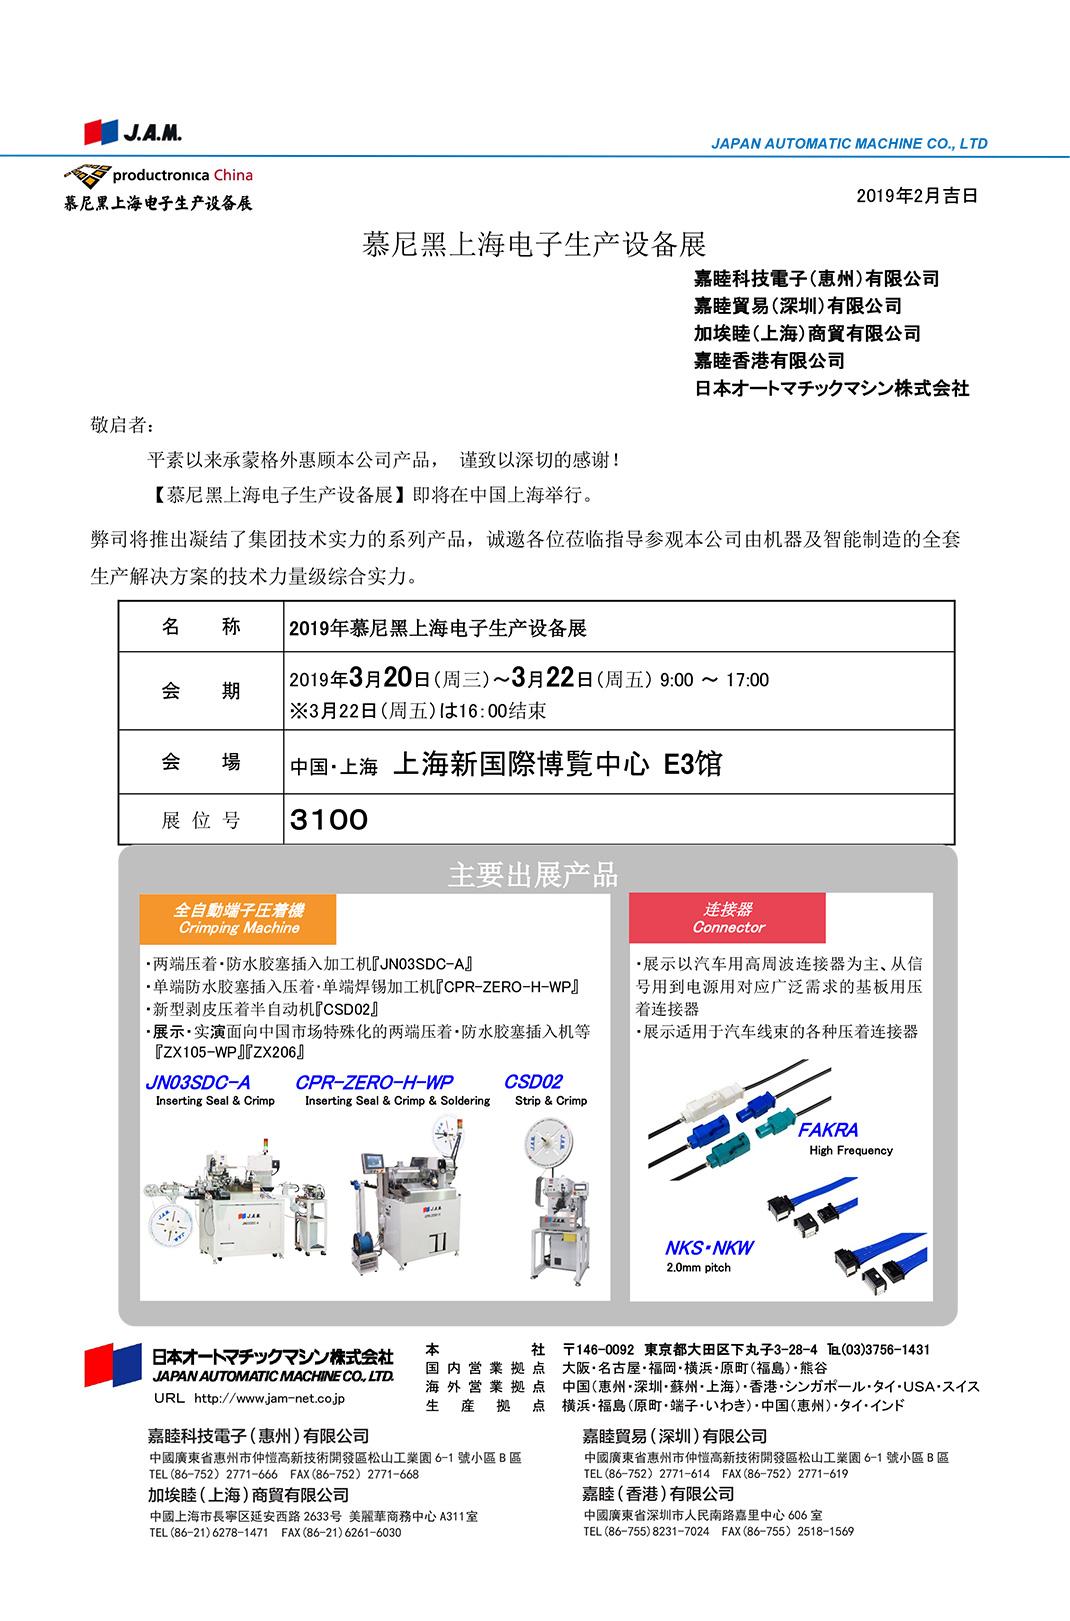 案內狀2019(CHN)20190216-rev0.jpg